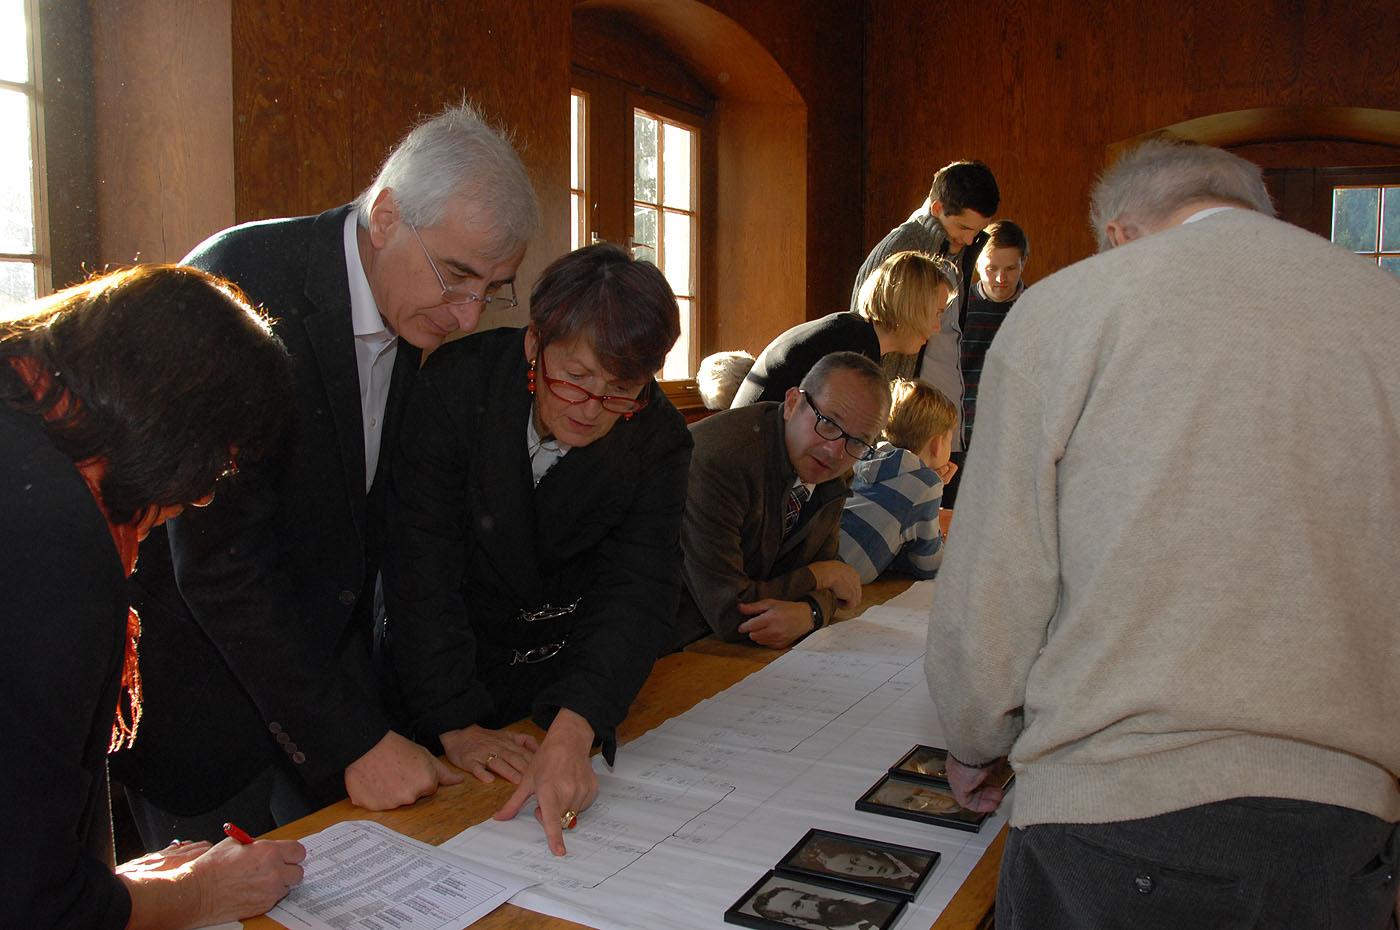 Familientag_23.11.14-Einsiedel_Foto bräu_173